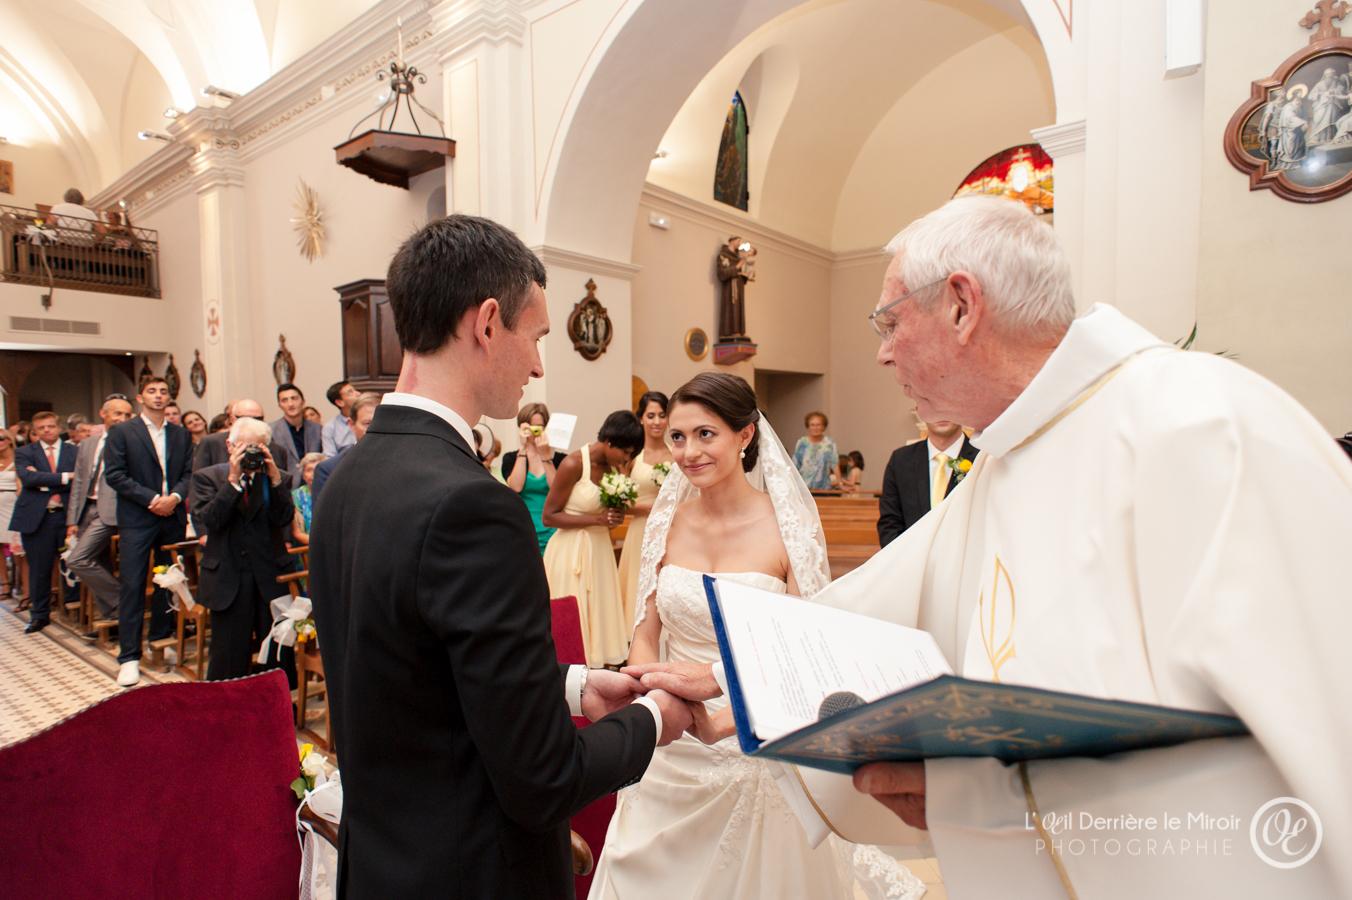 photographe-mariage-villeneuve-loubet-060